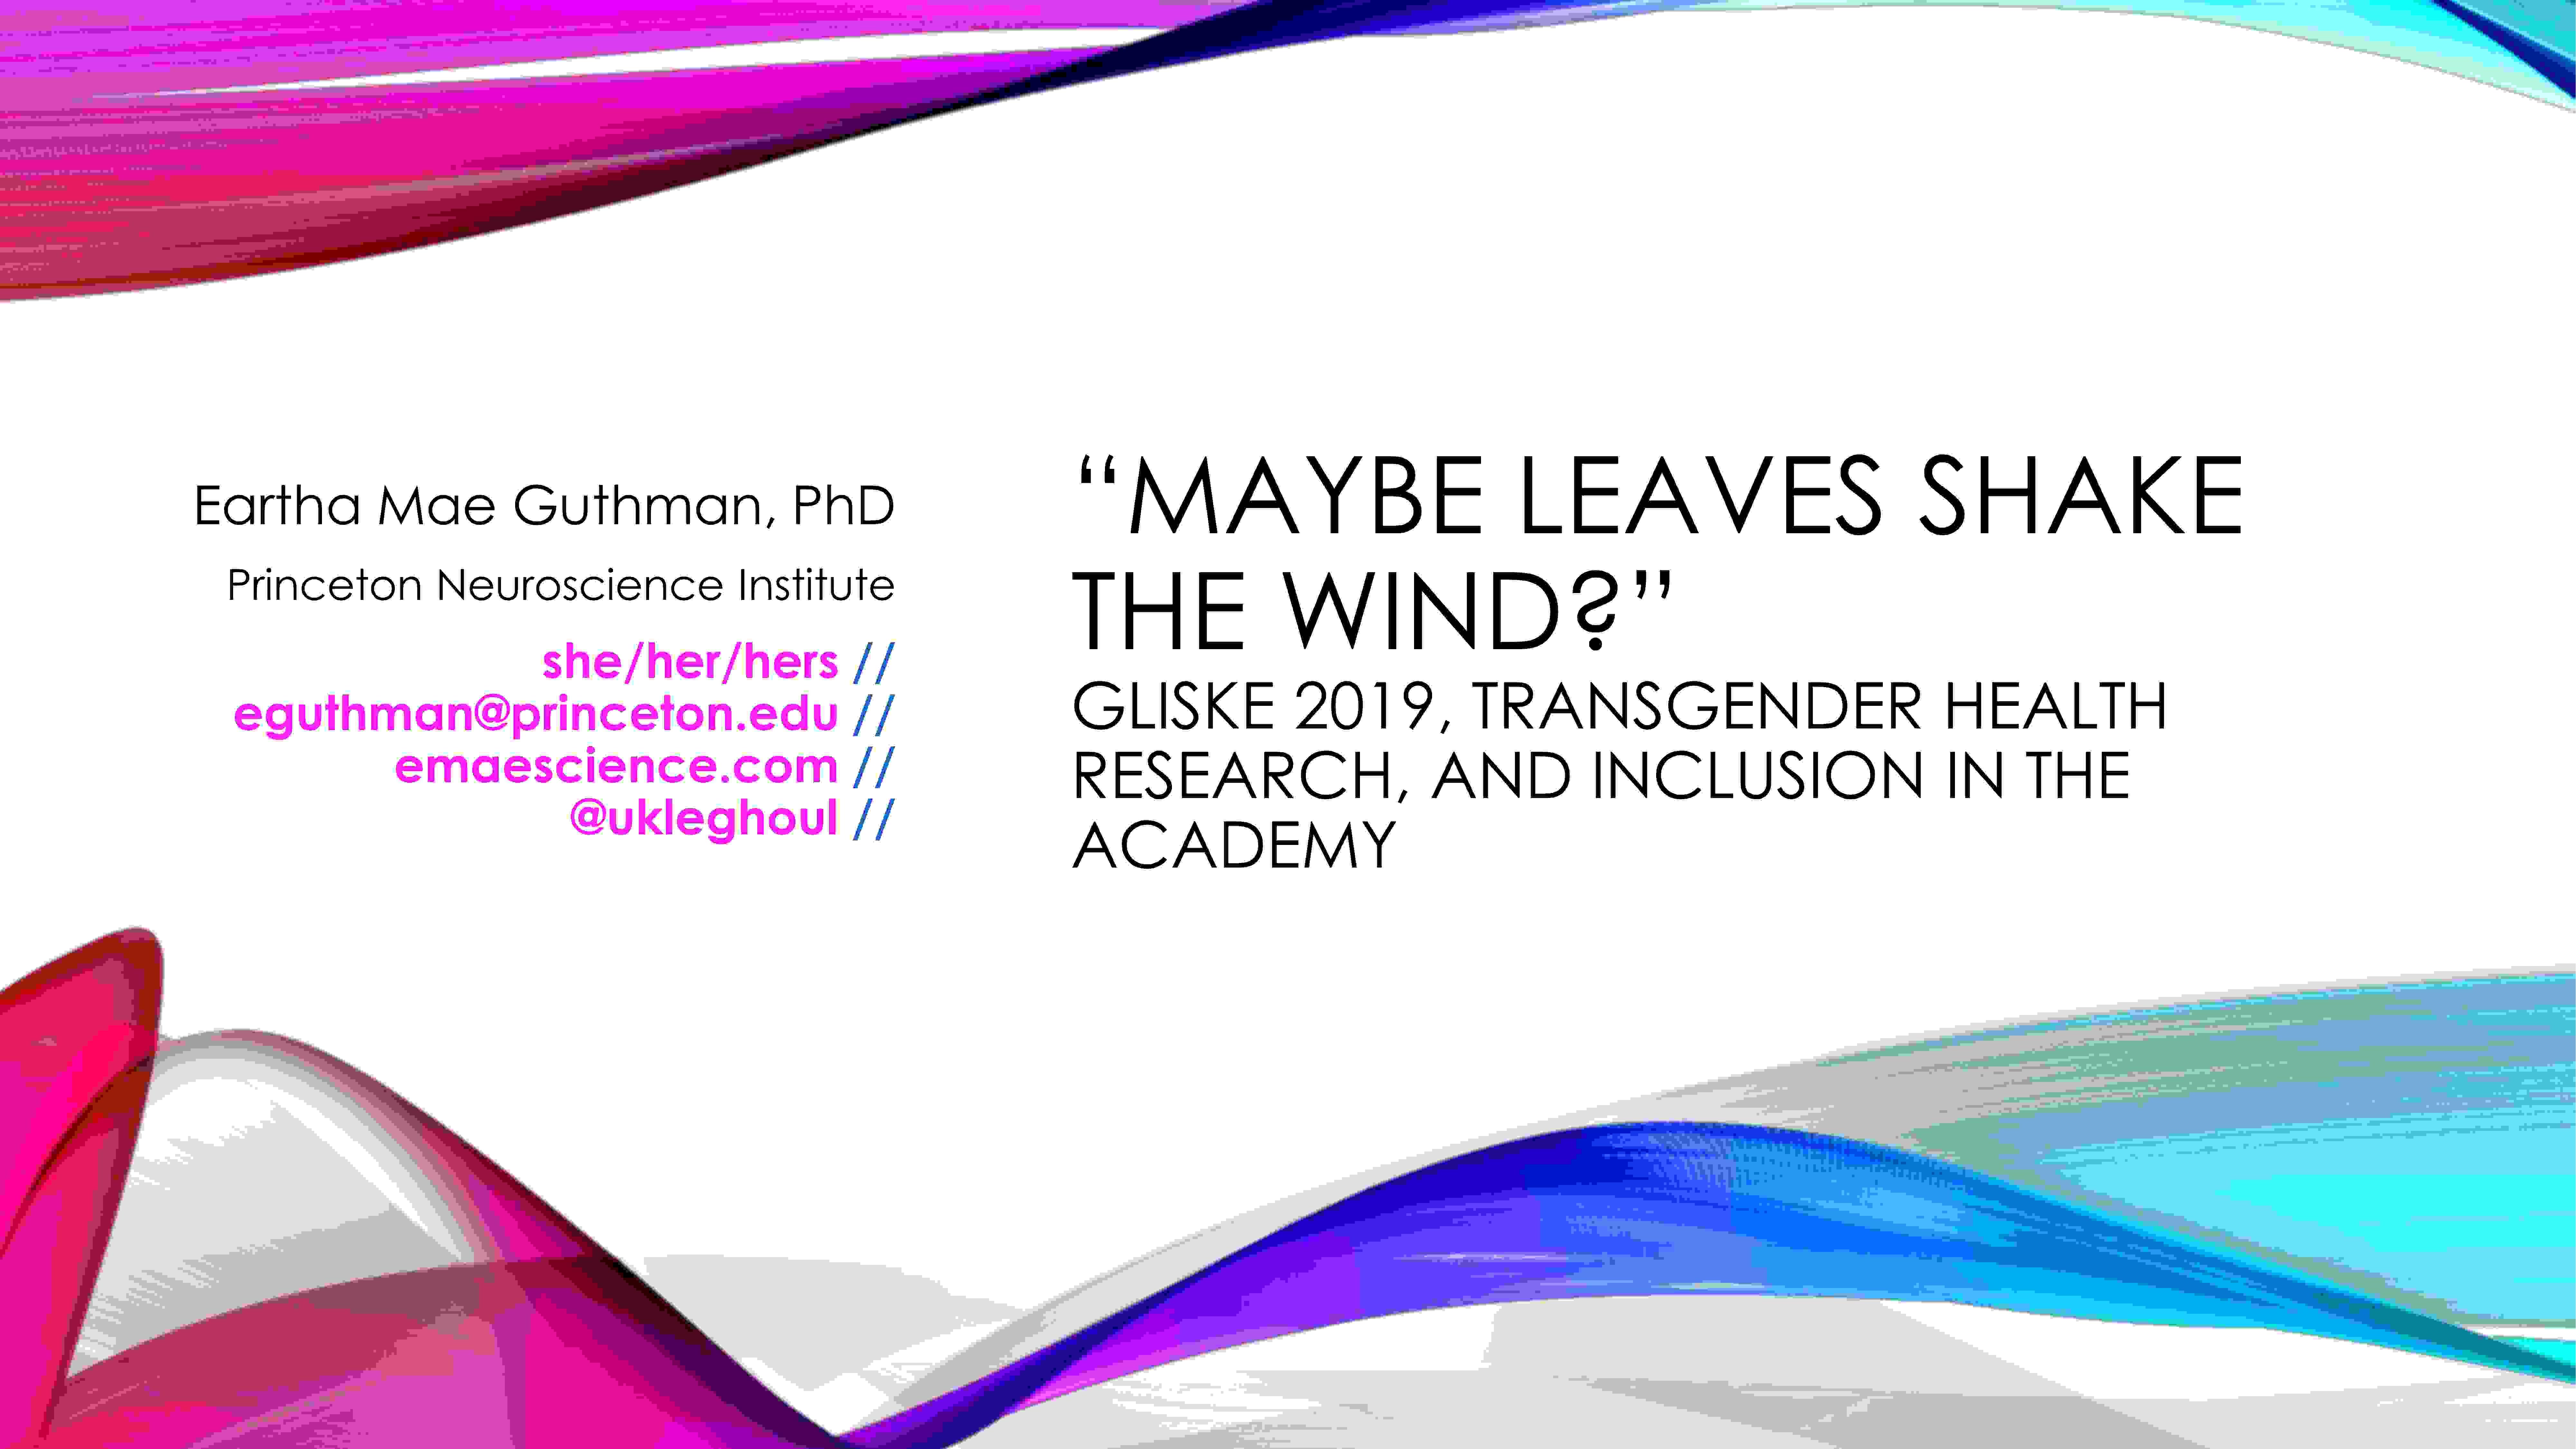 Slides Talk Mae Guthman